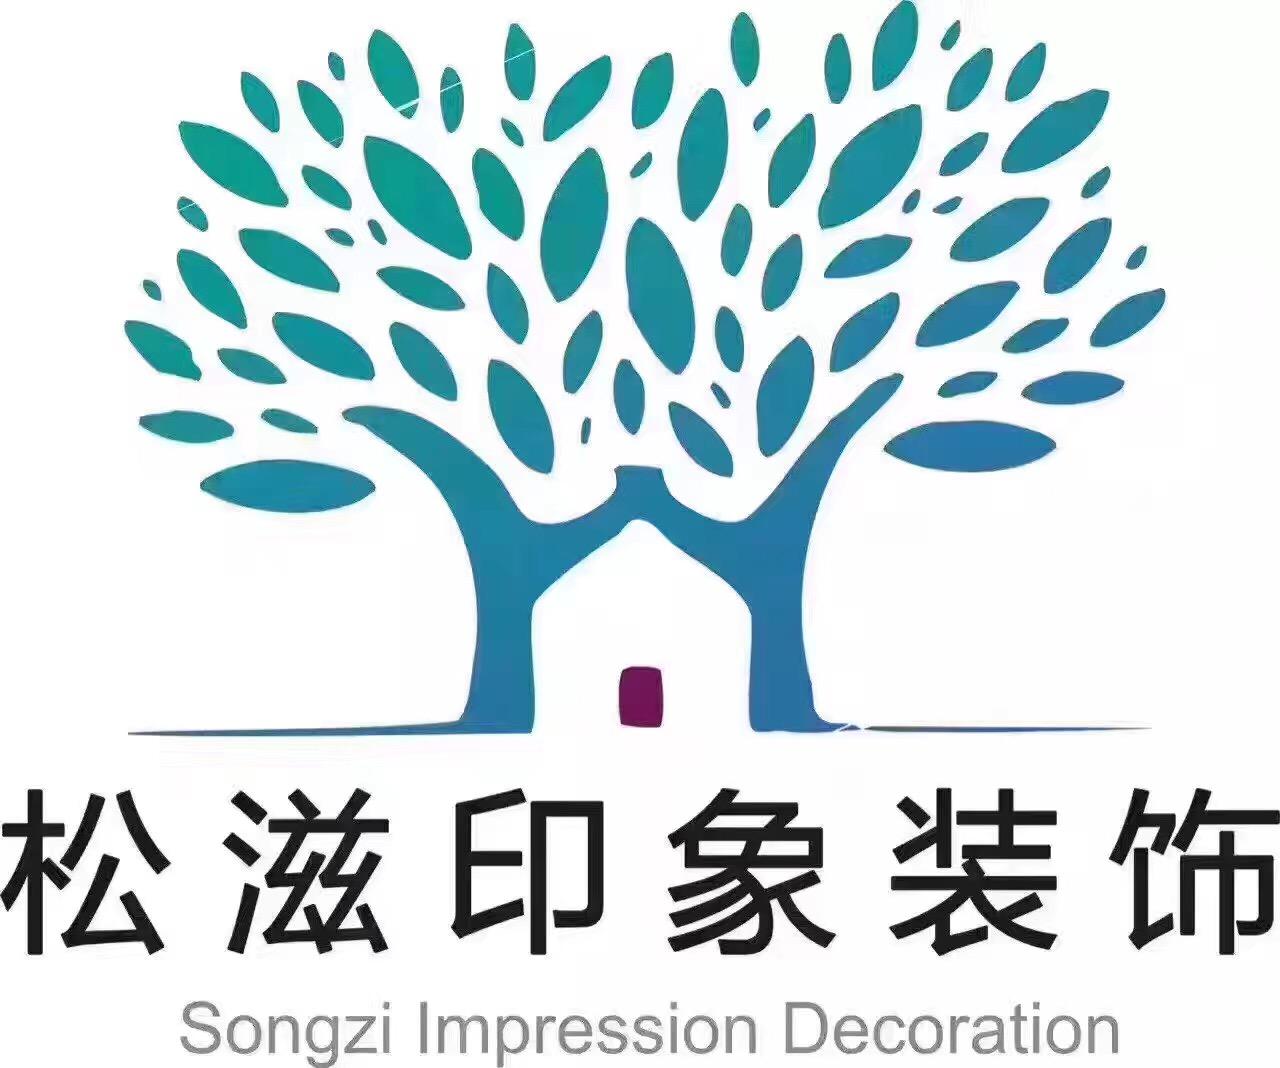 松滋印象装饰设计工程有限公司